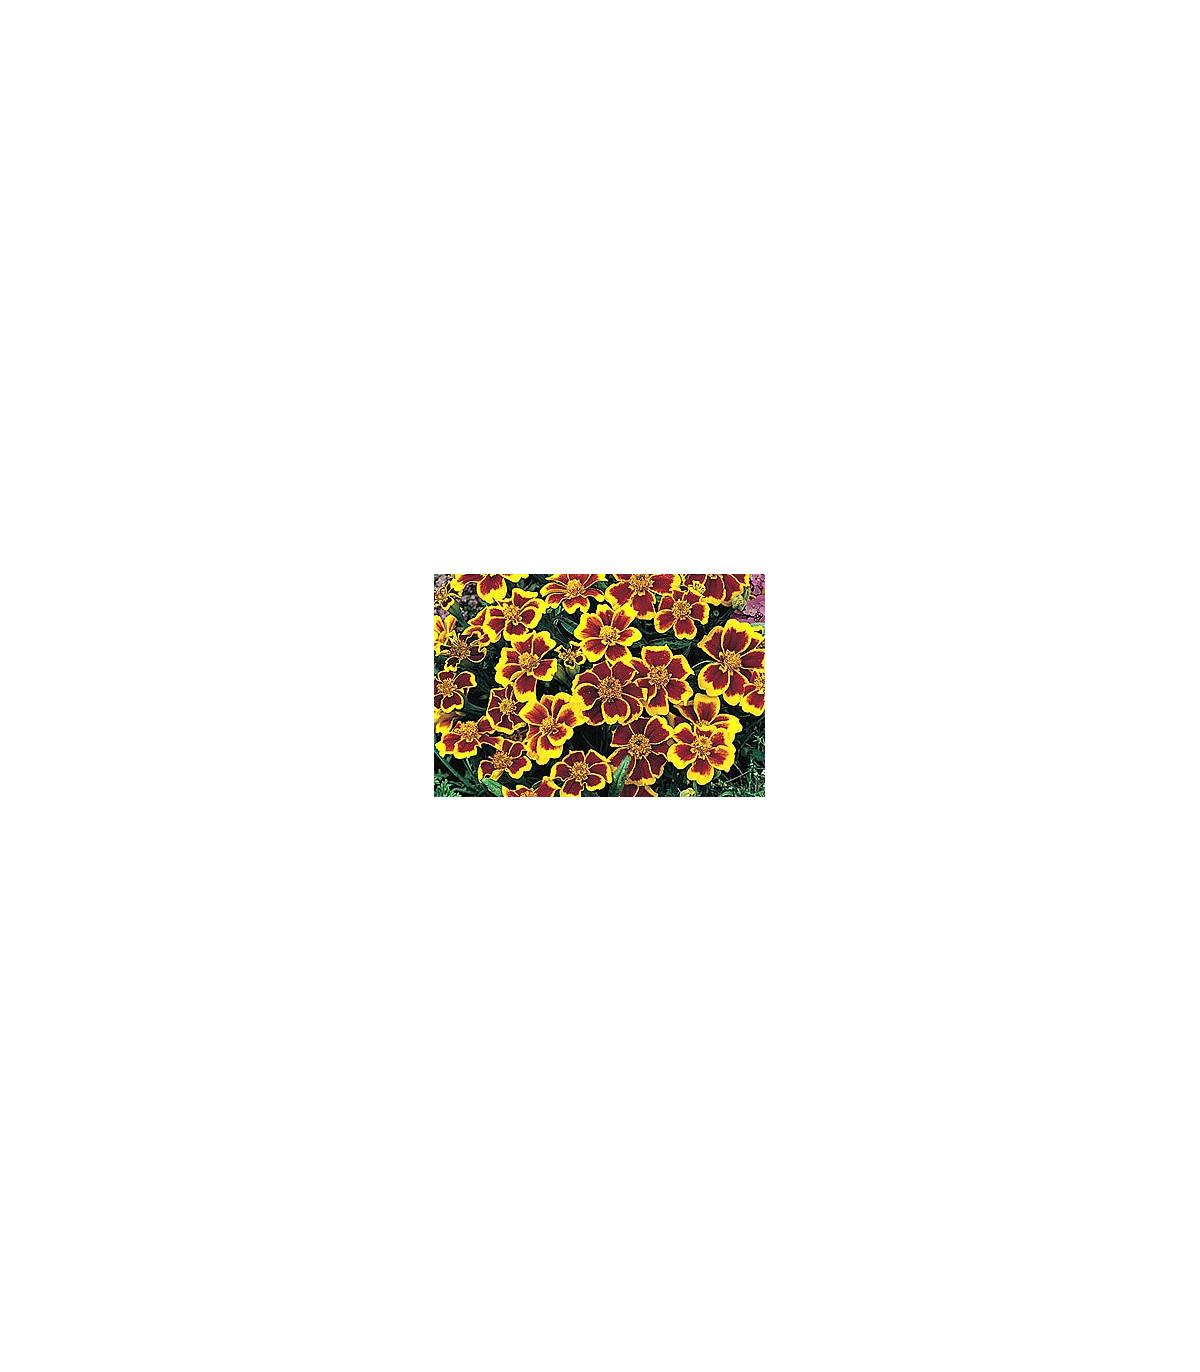 Aksamitník jednoduchý směs - Tagetes patula - osivo aksamitníku - 100 ks